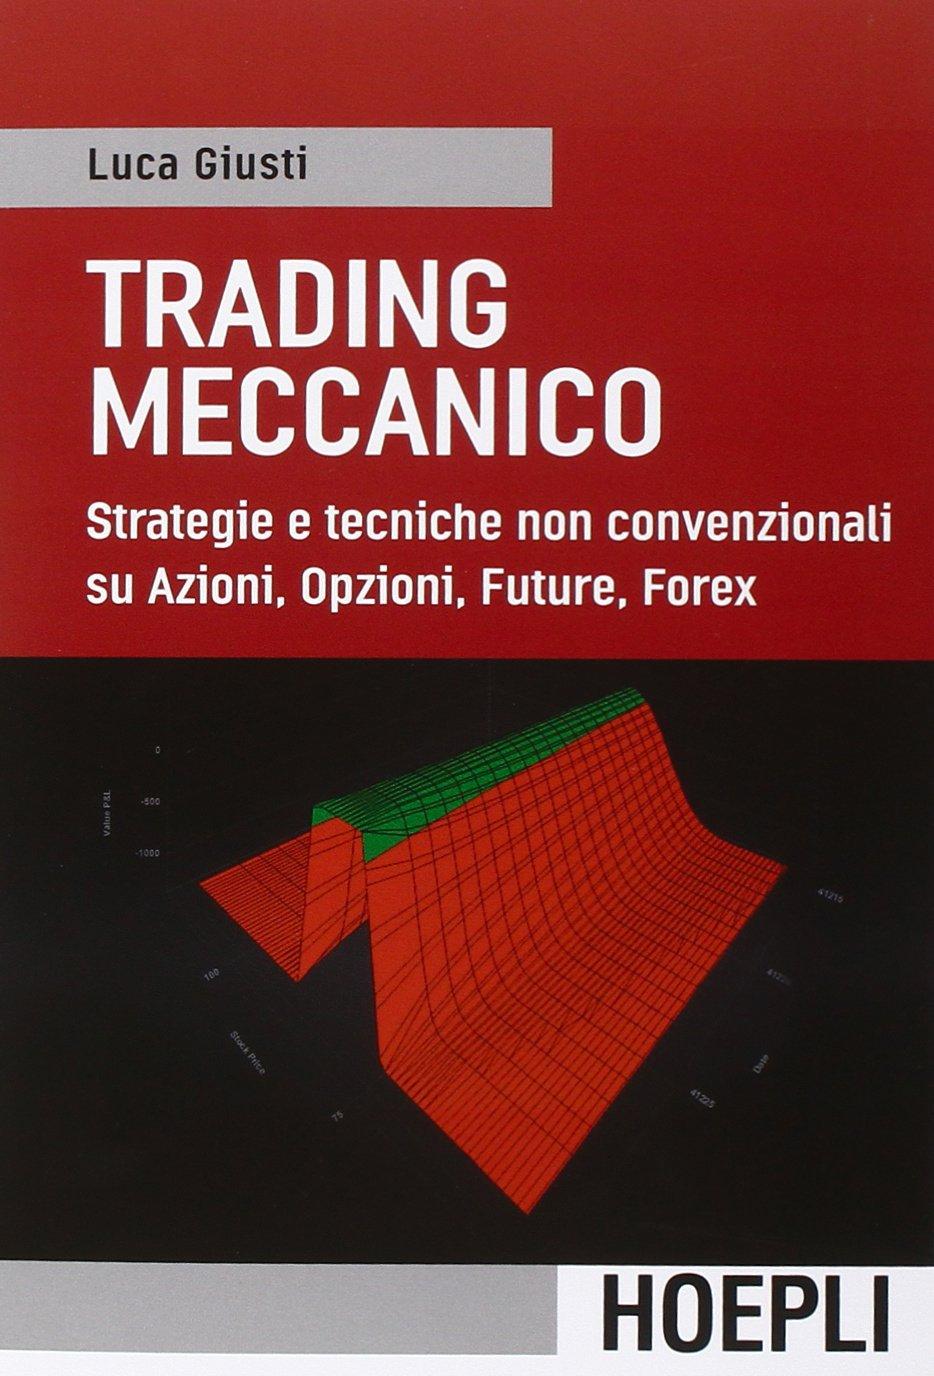 stazione di trading fxcm 2.0 libri su tecniche forex